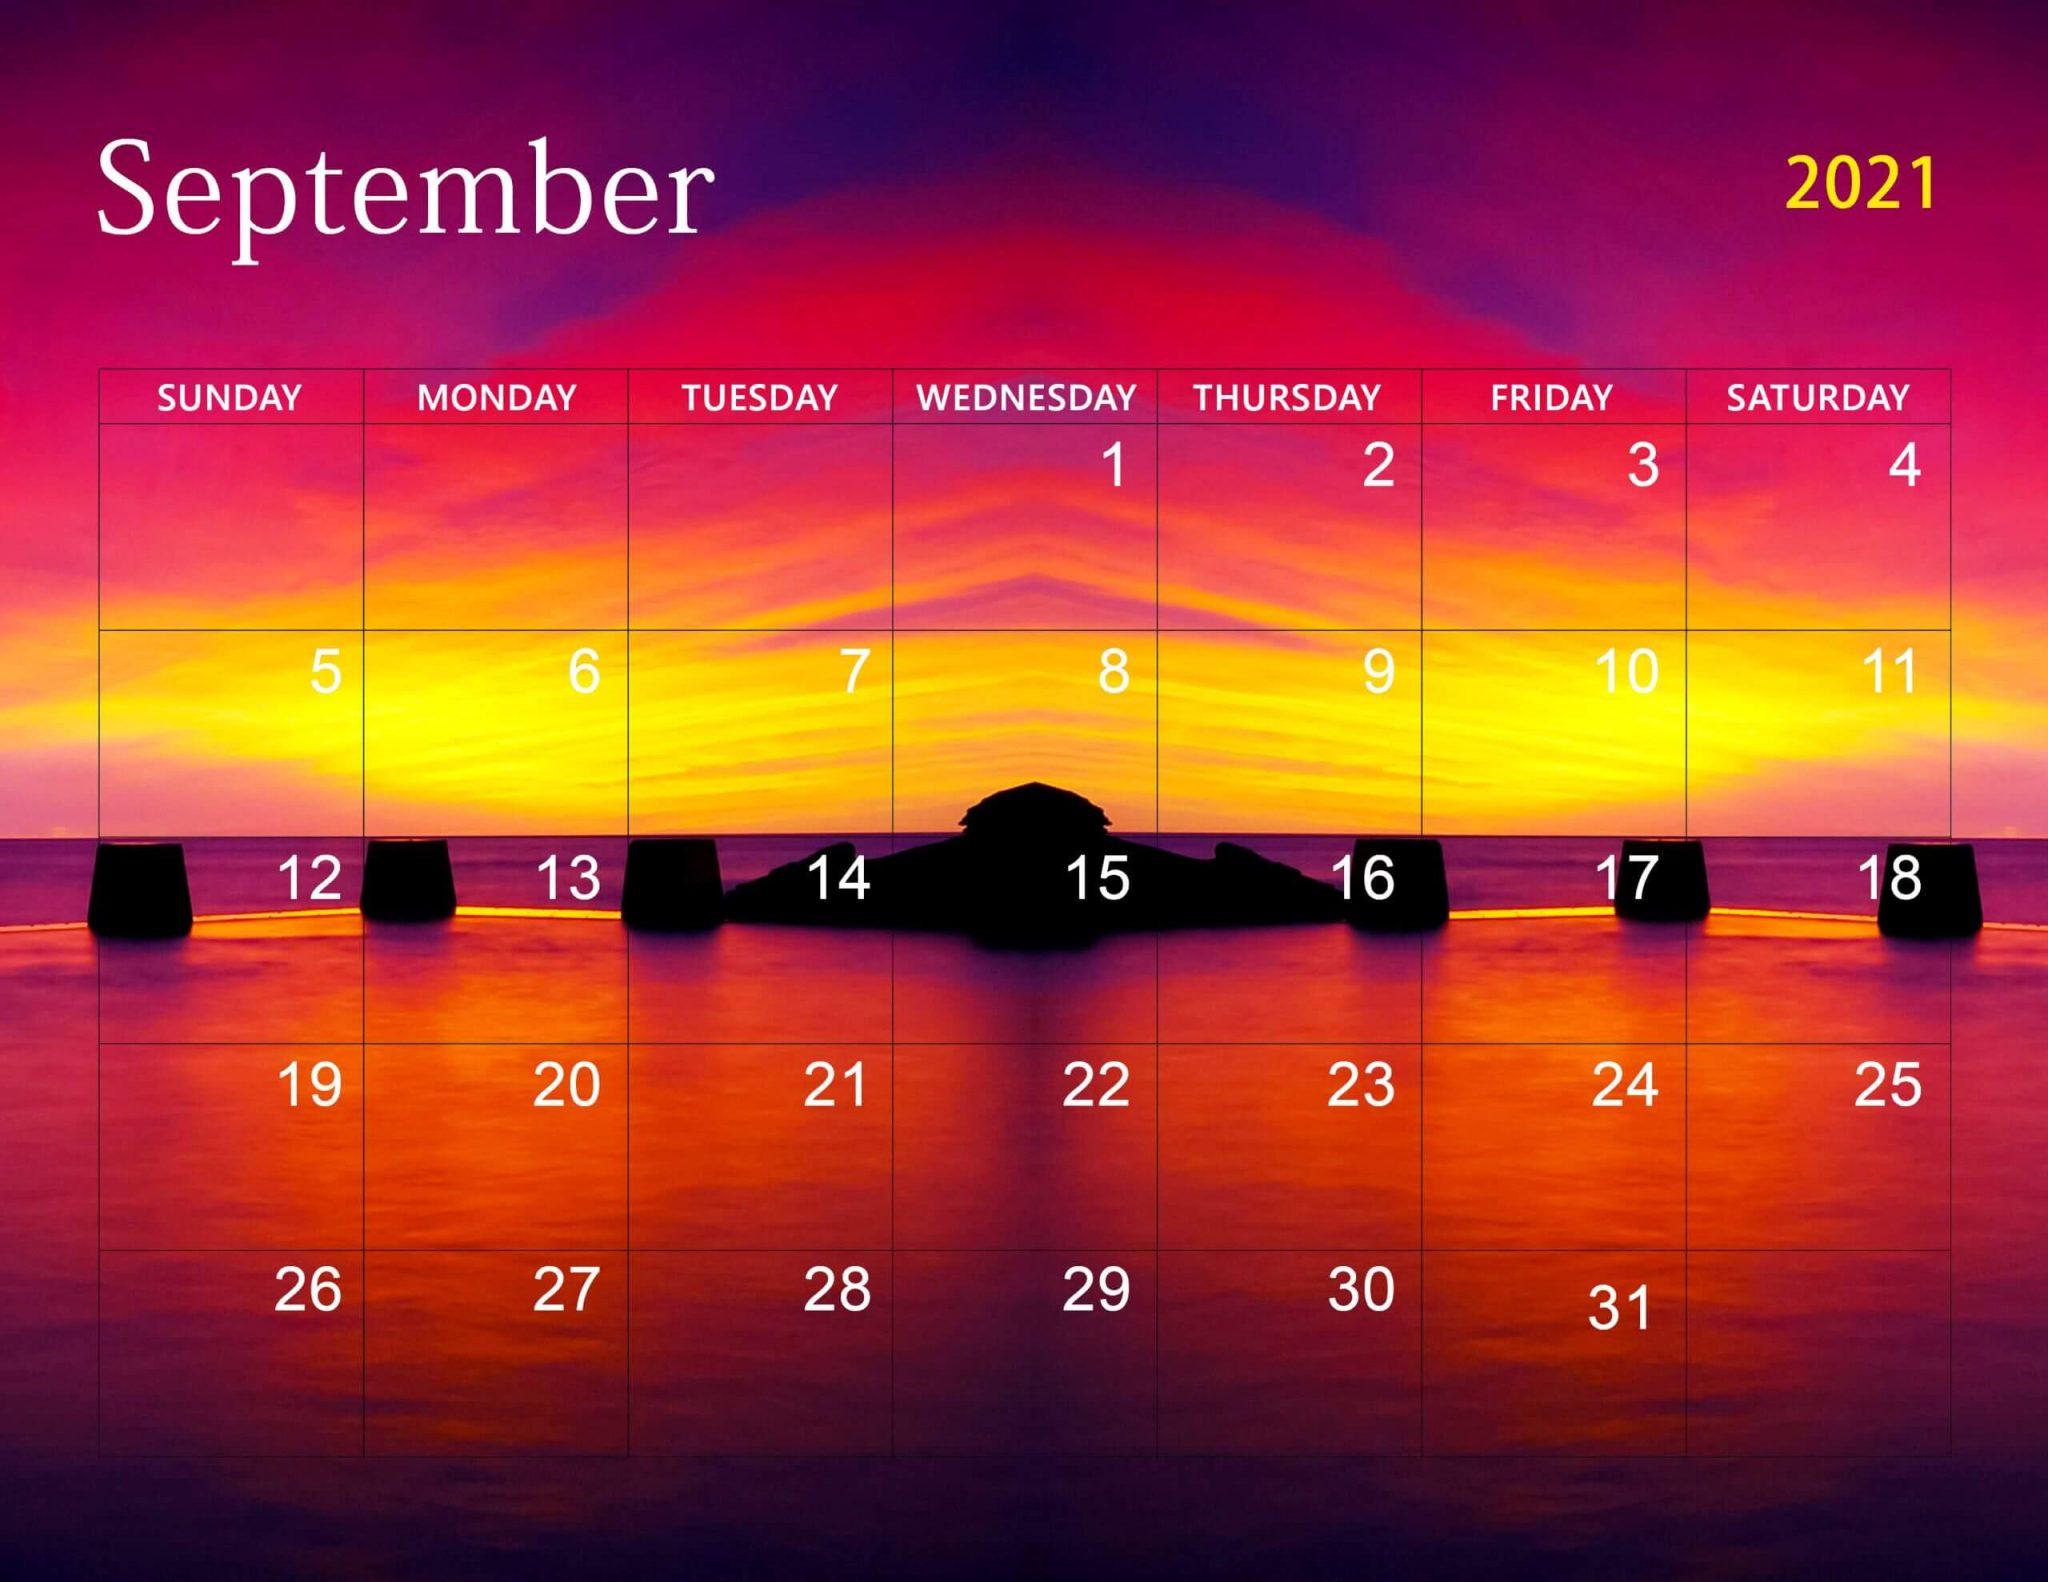 September 2021 Calendar Desktop Wallpaper